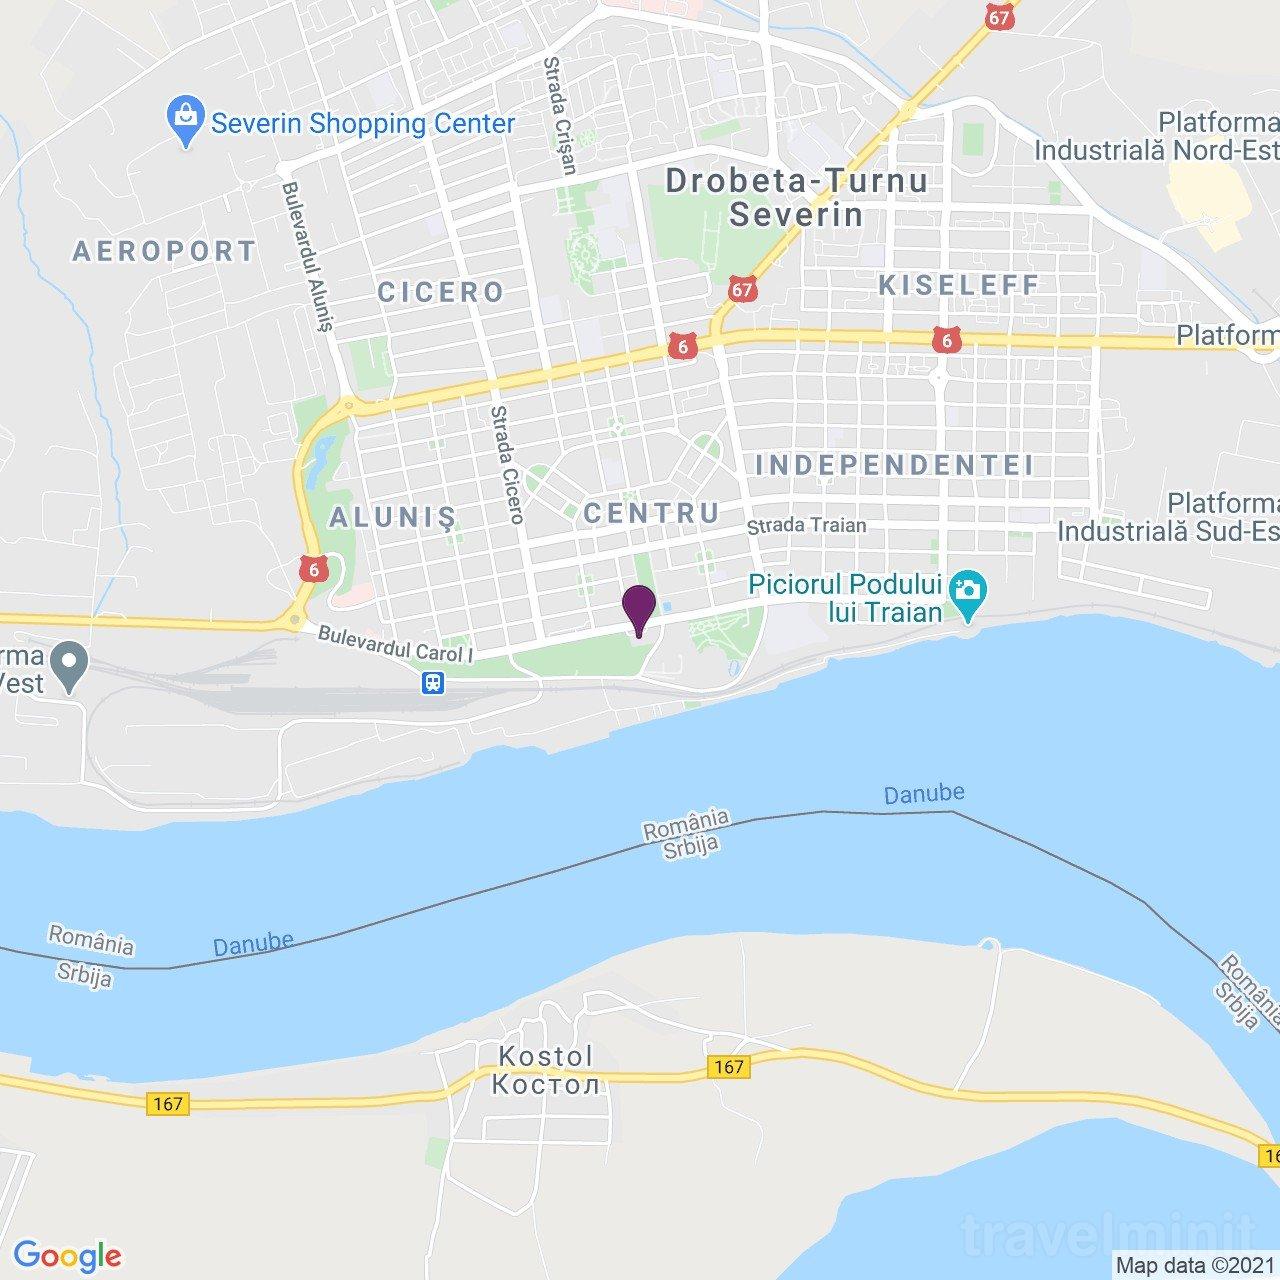 Continental Hotel Drobeta-Turnu Severin